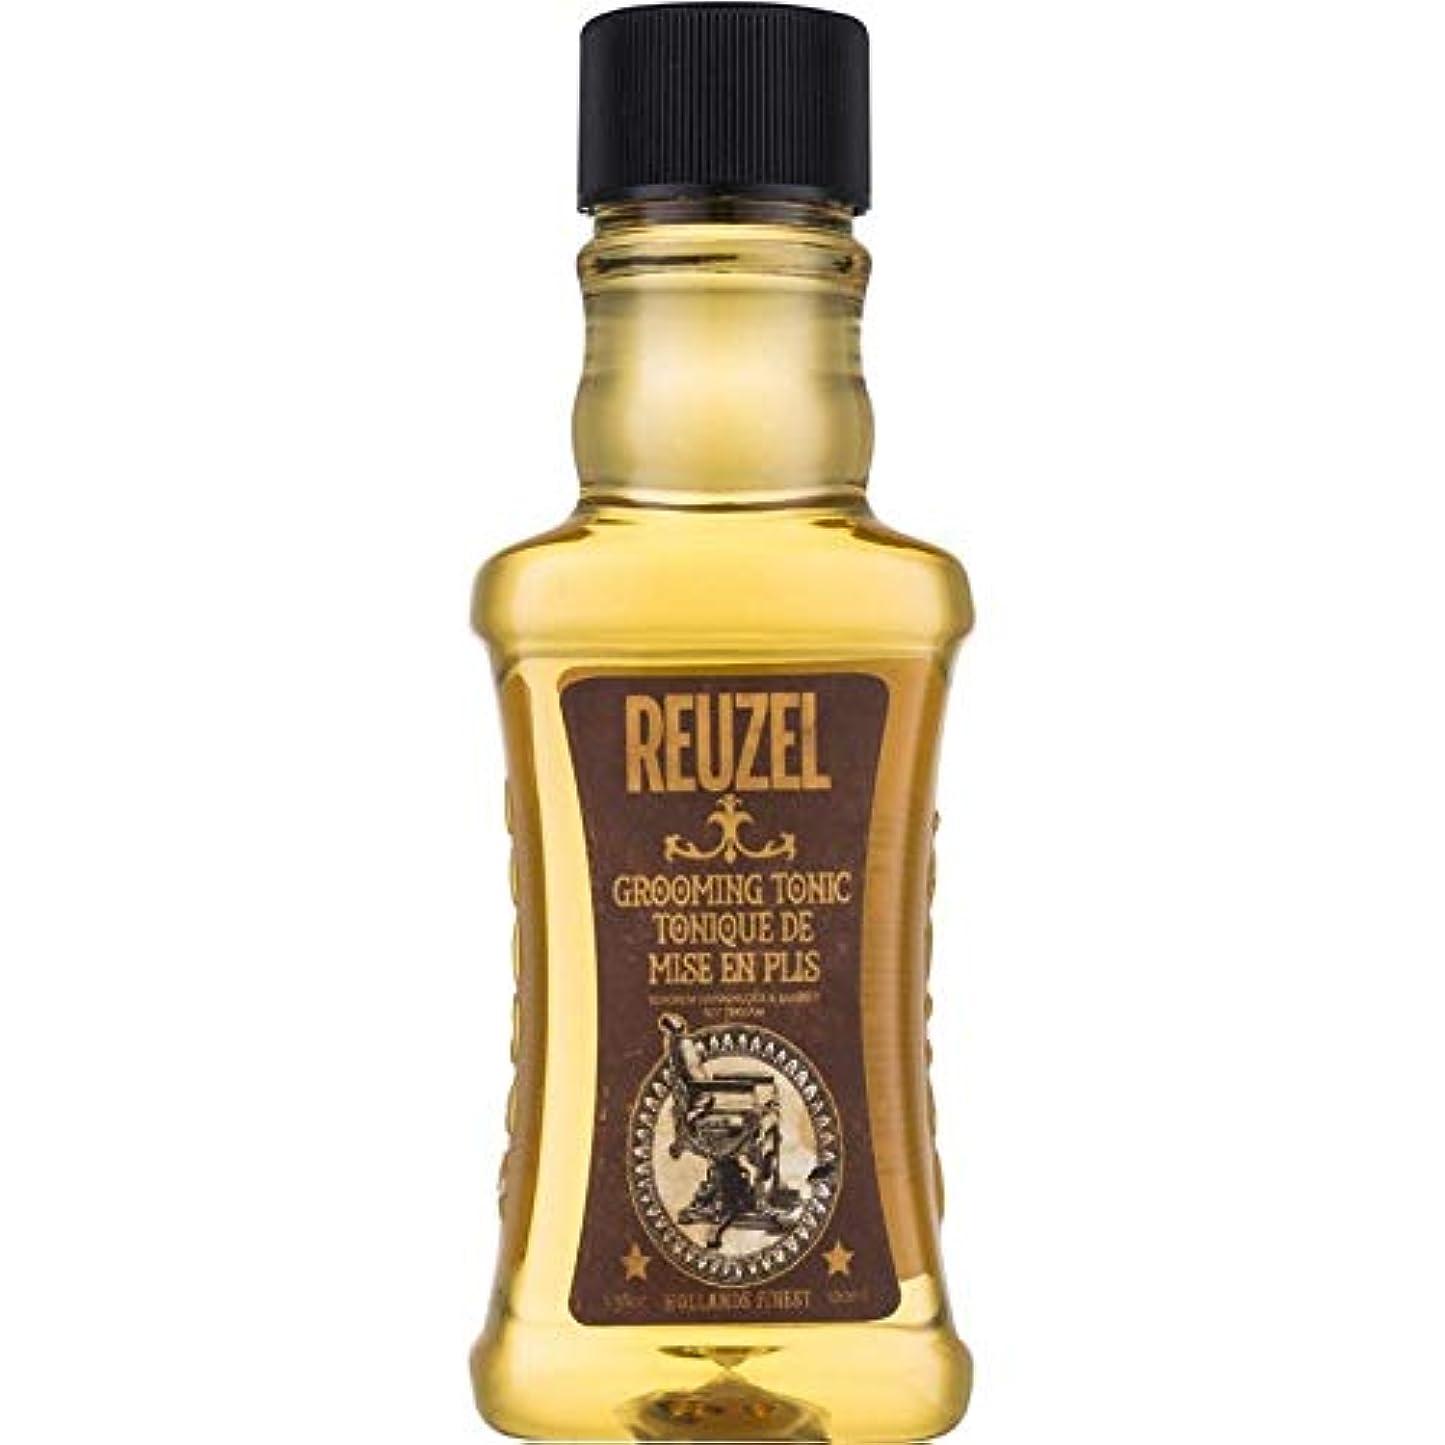 試験挨拶するマンモスルーゾー グルーミング トニック Reuzel Grooming Tonic 100 ml [並行輸入品]